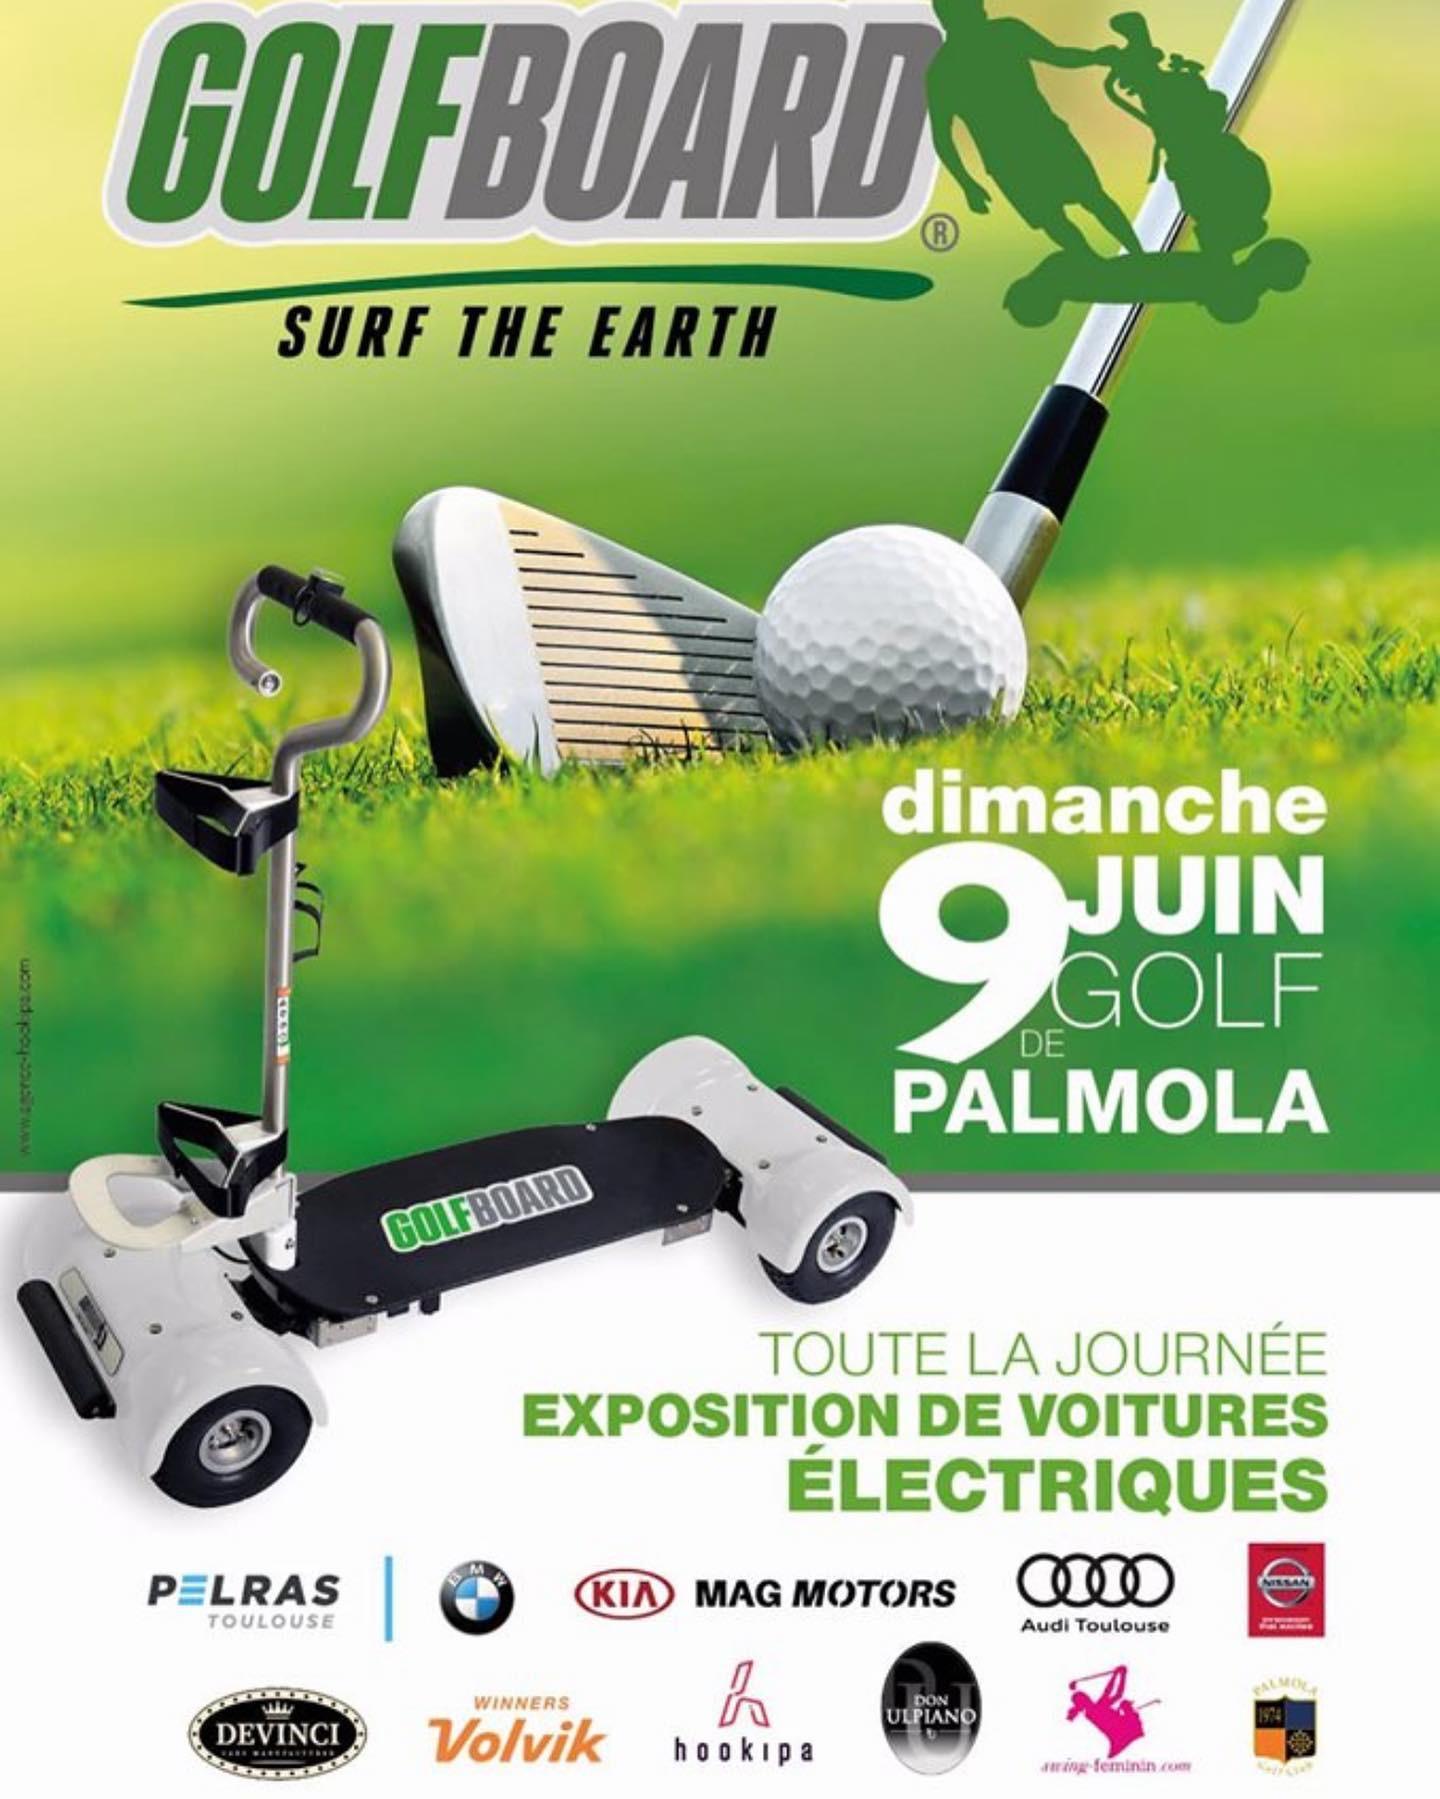 golfboard.jpg